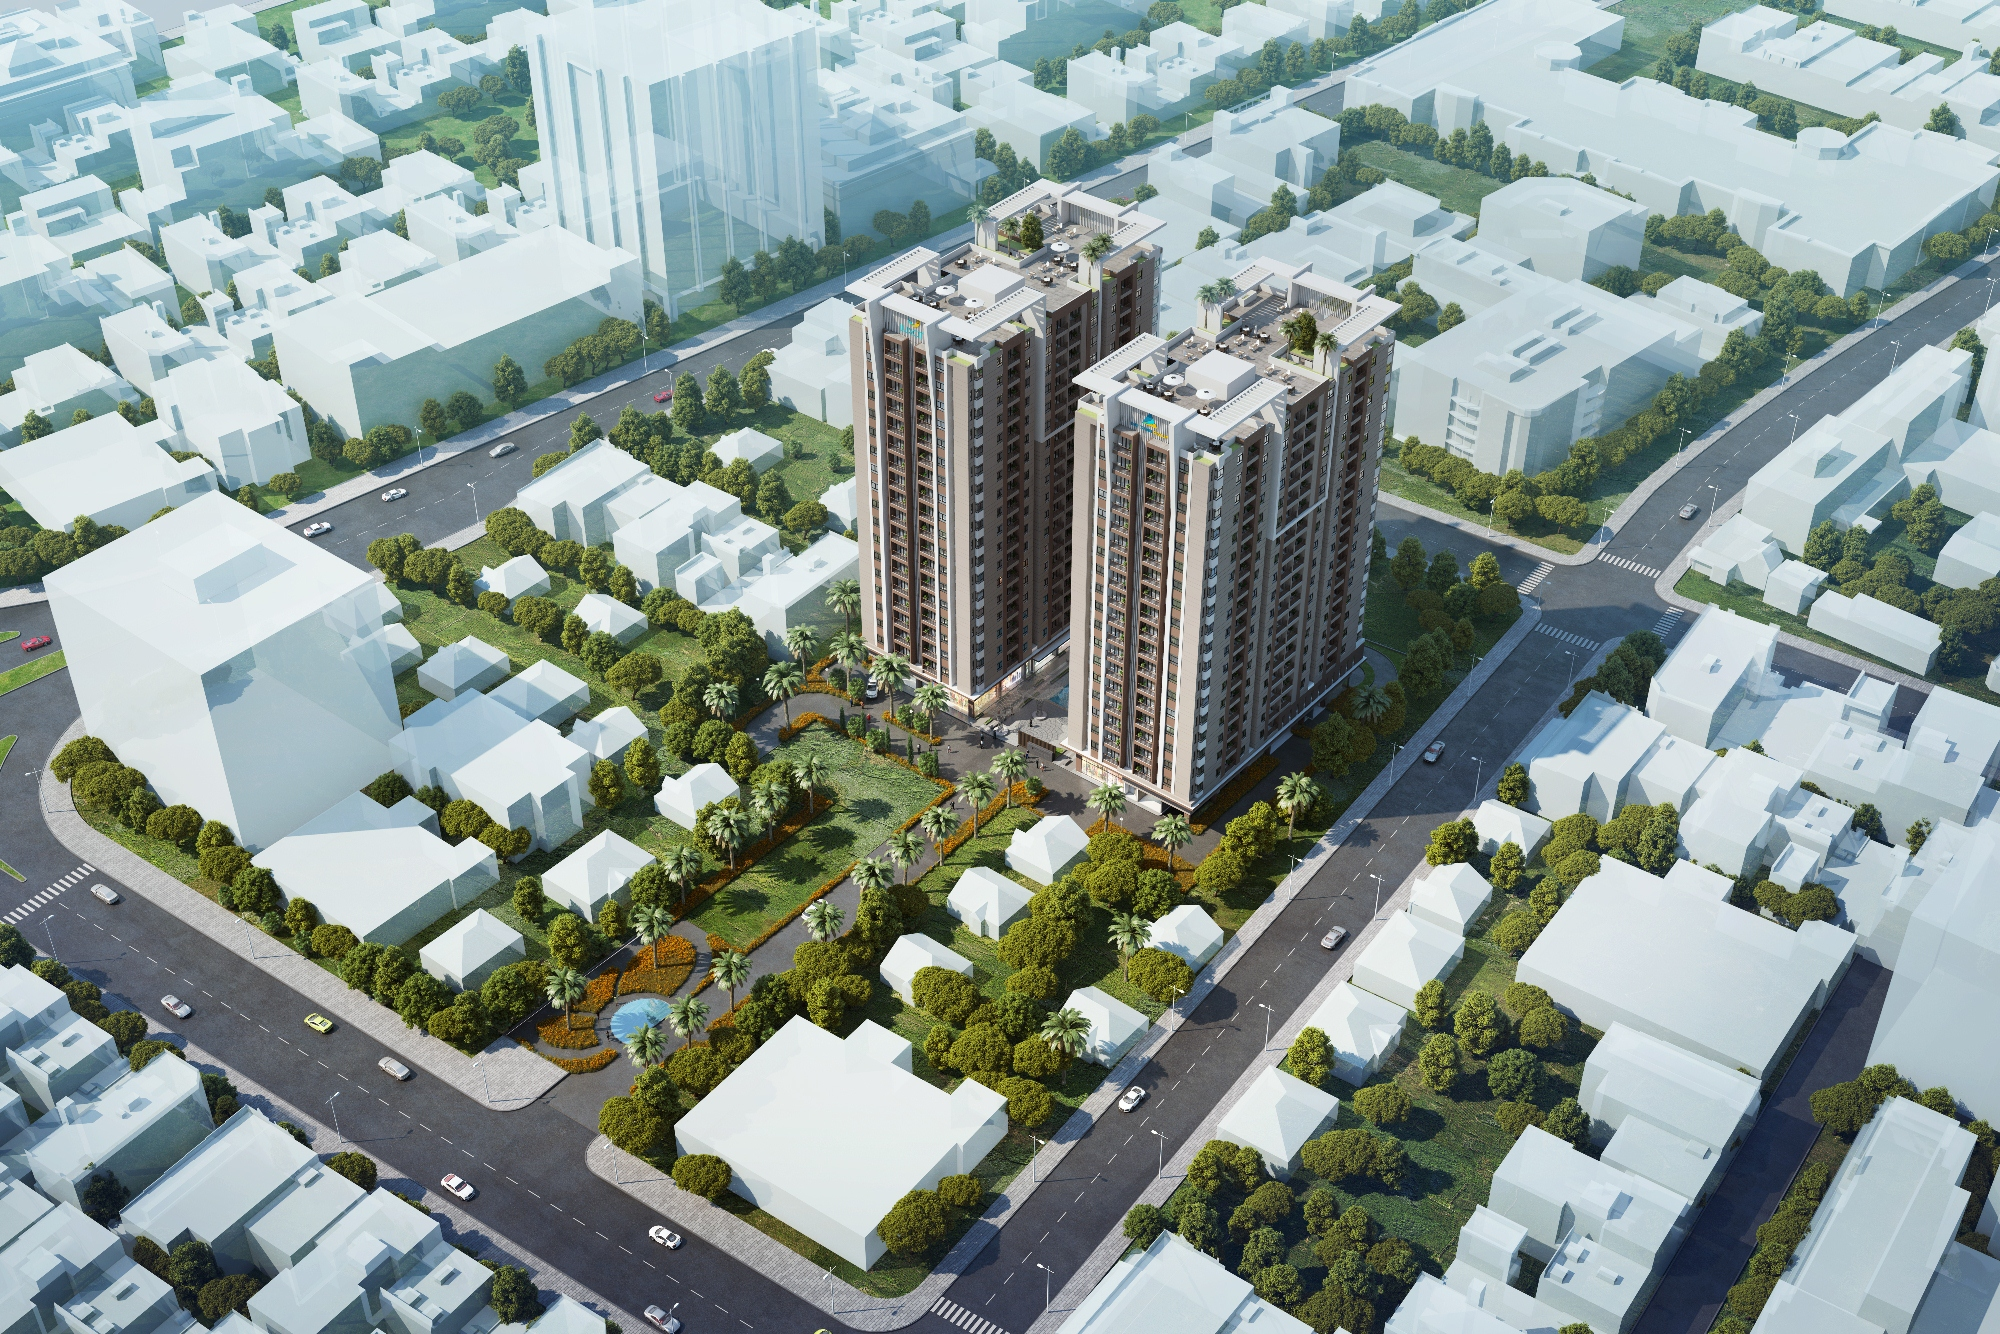 Mở bán đợt mới dự án Khu căn hộ thương mại cao cấp Luxcity